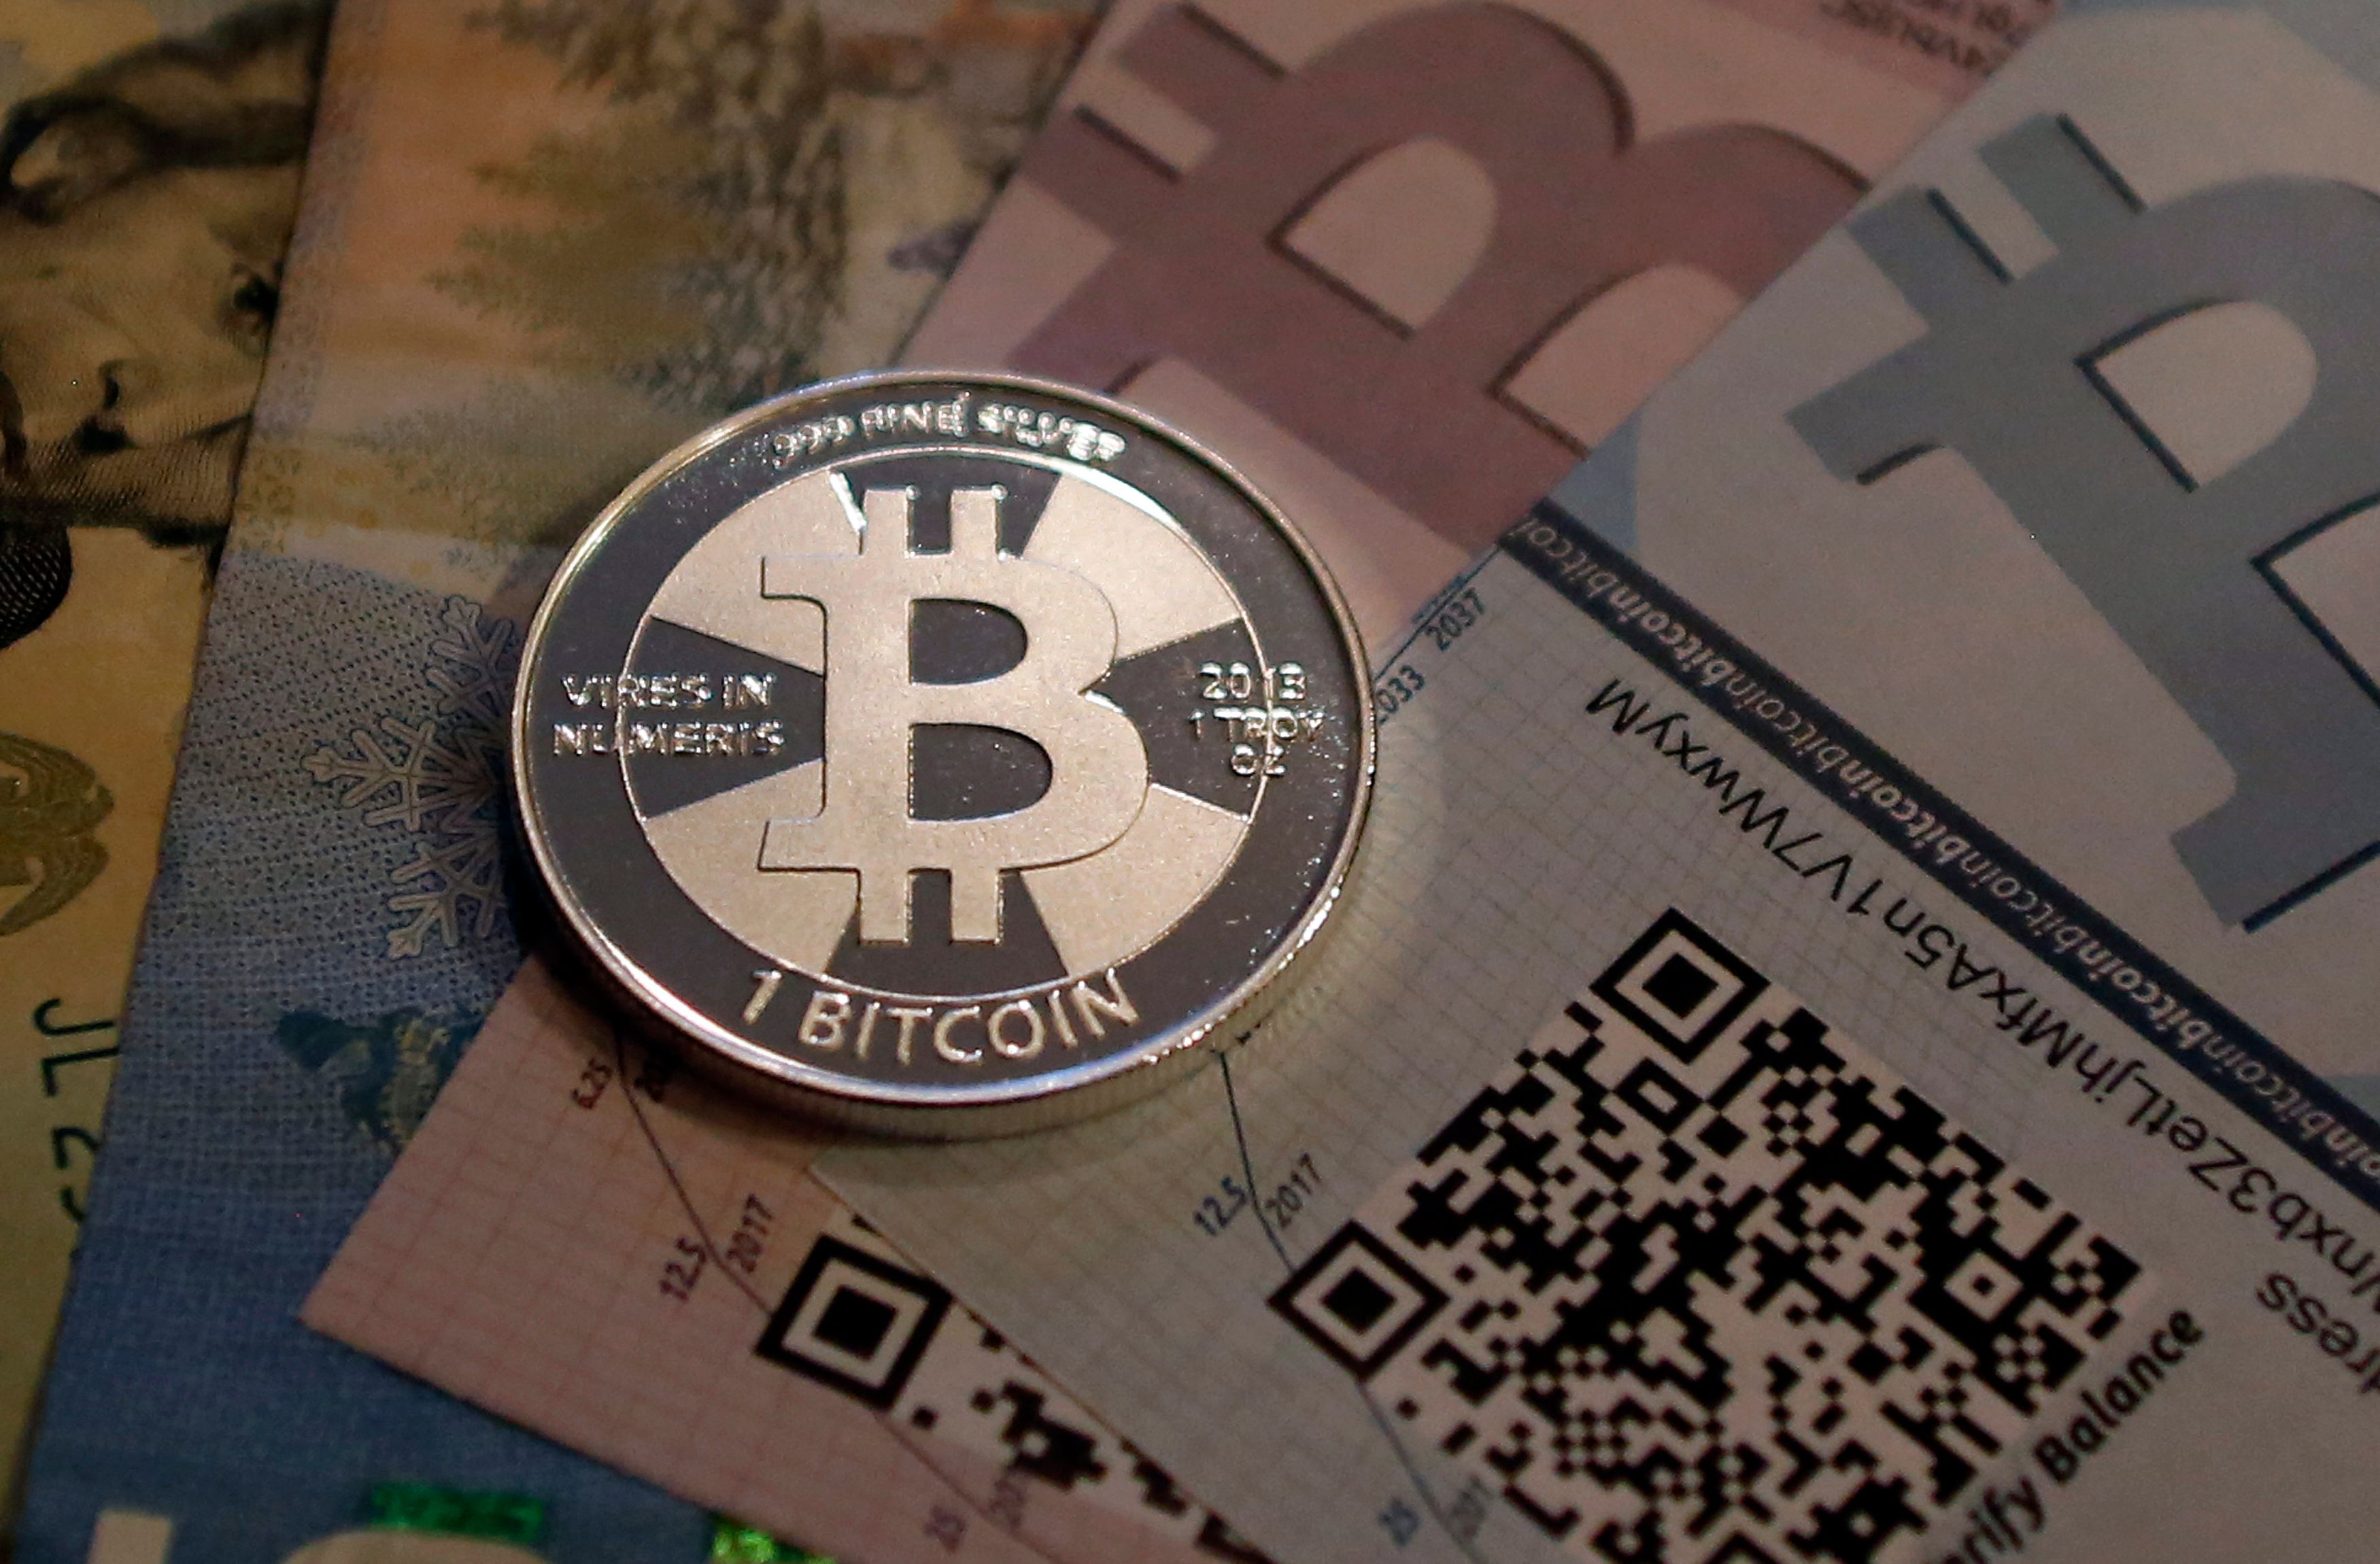 Dépenser ses bitcoins dans descasinos à Las Vegas, c'estdésormais possible